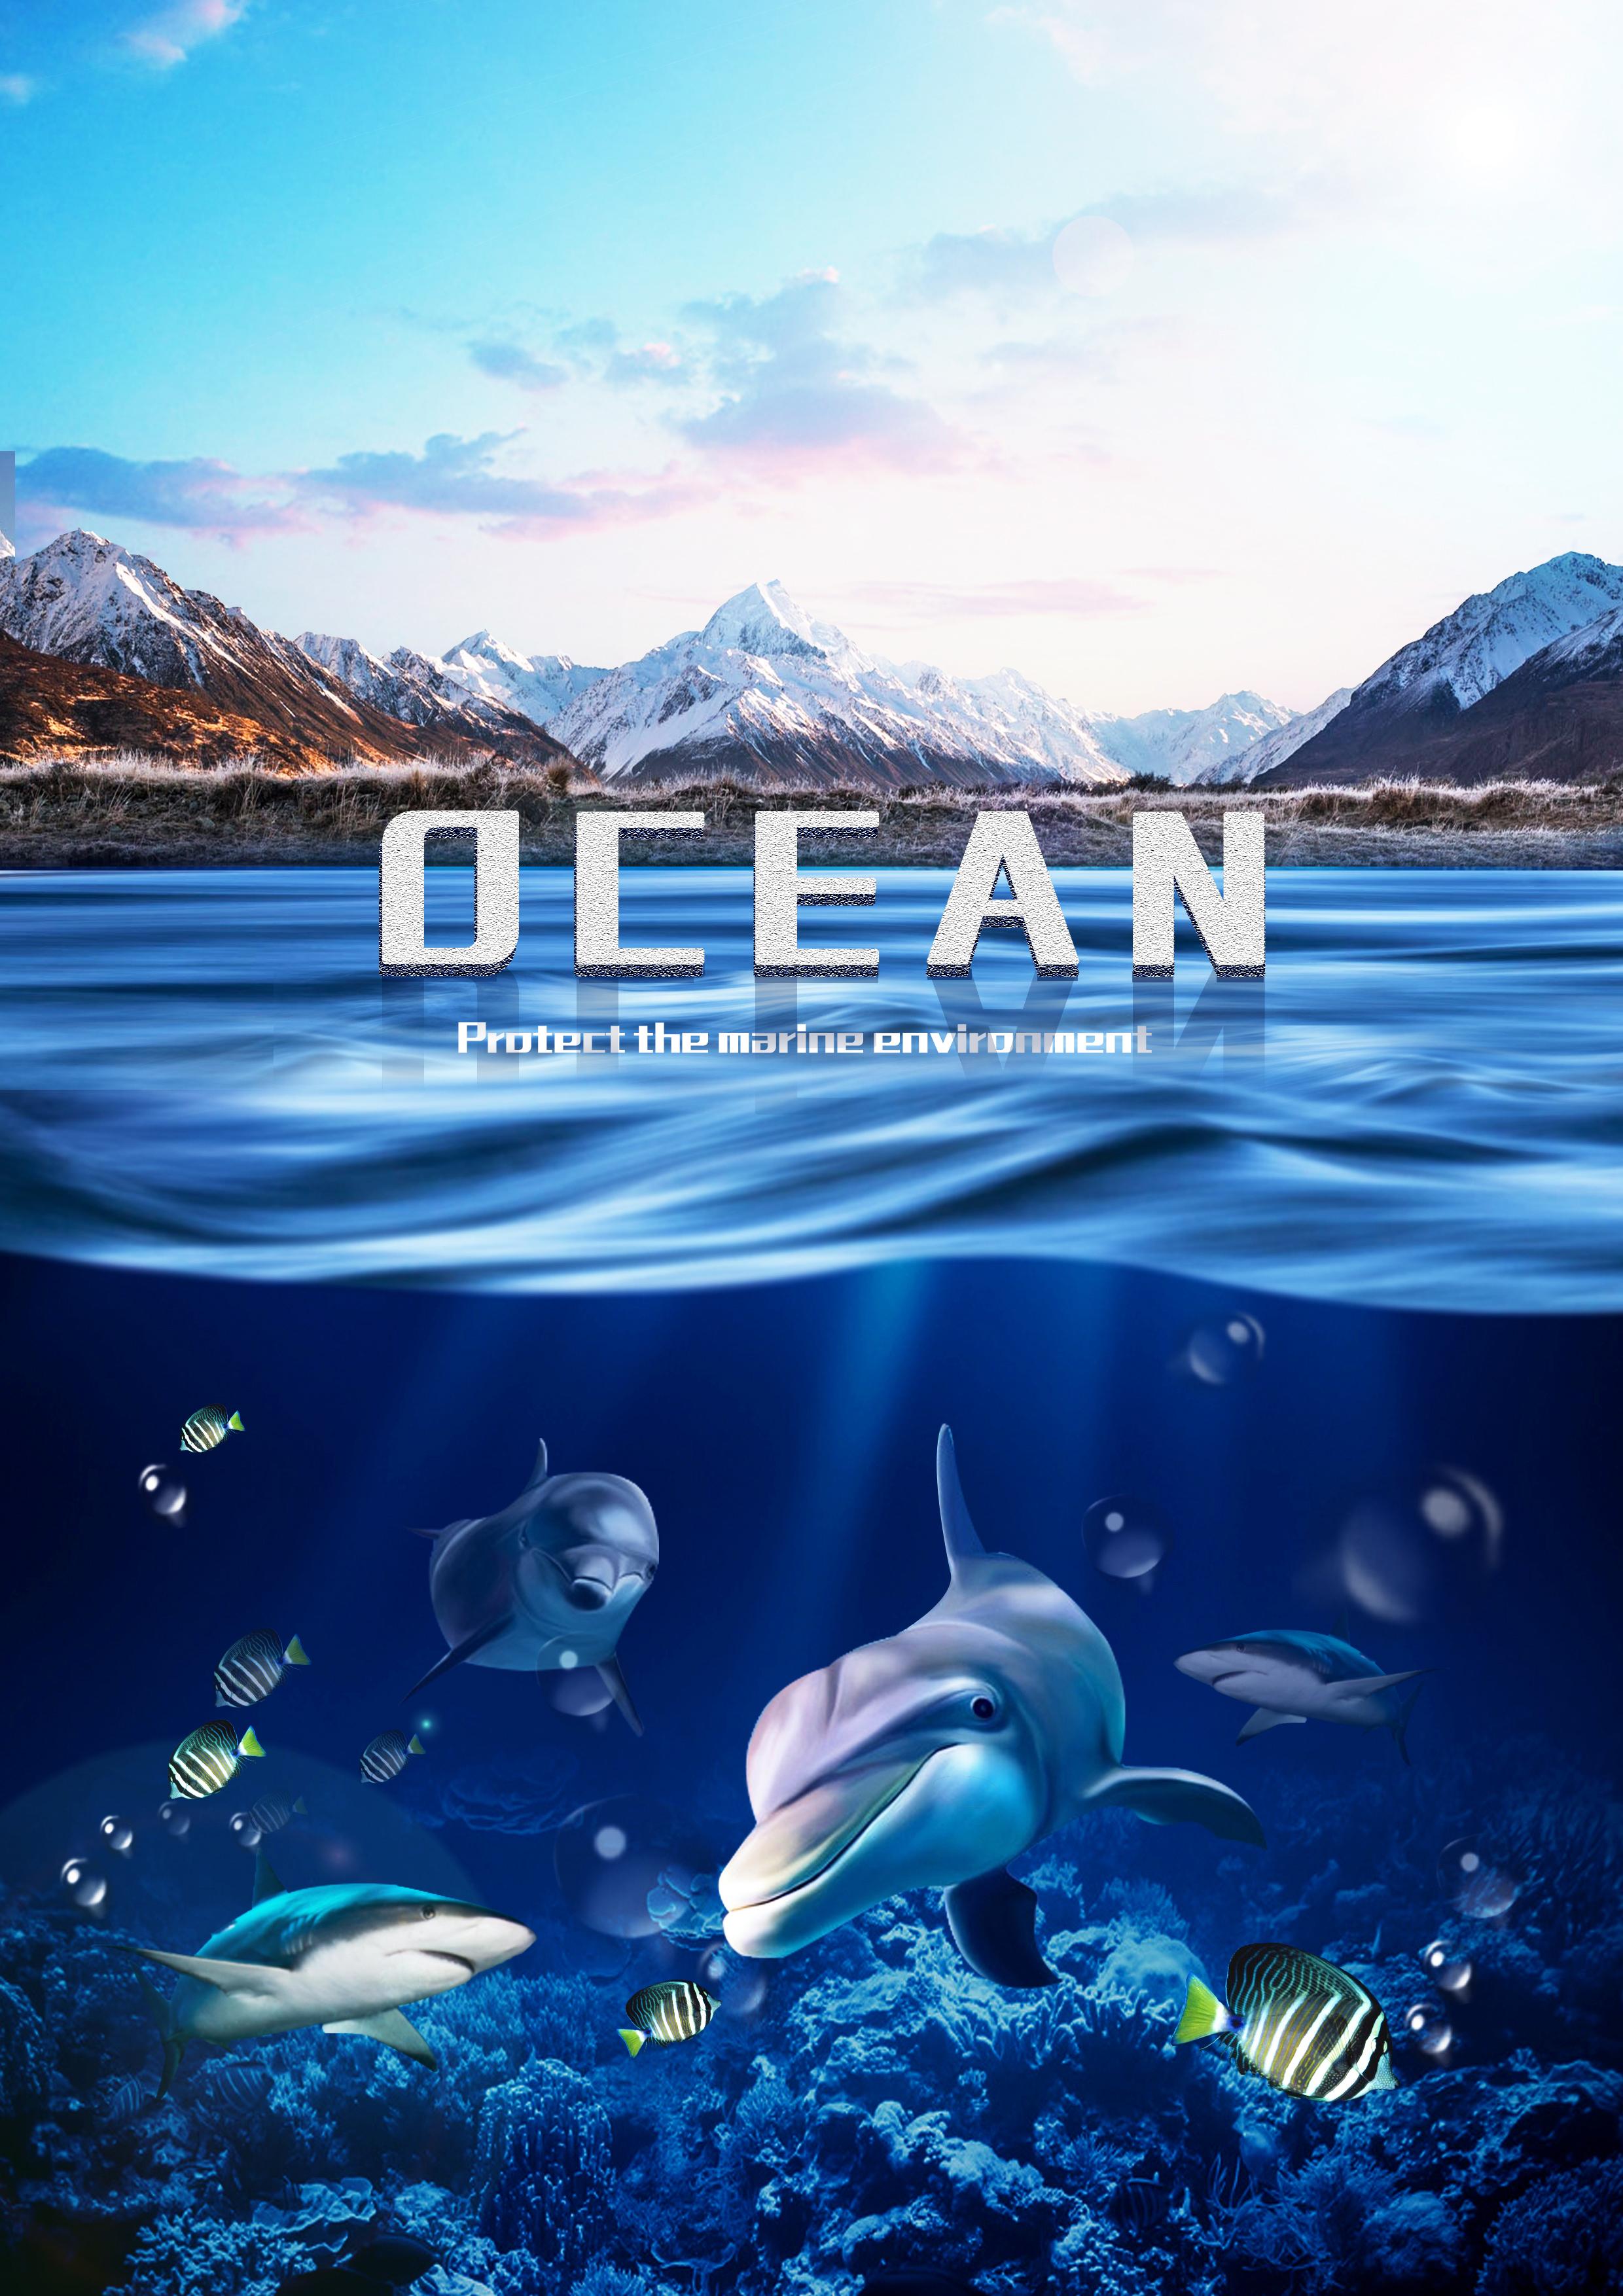 保护海洋环境主题海报创作图片